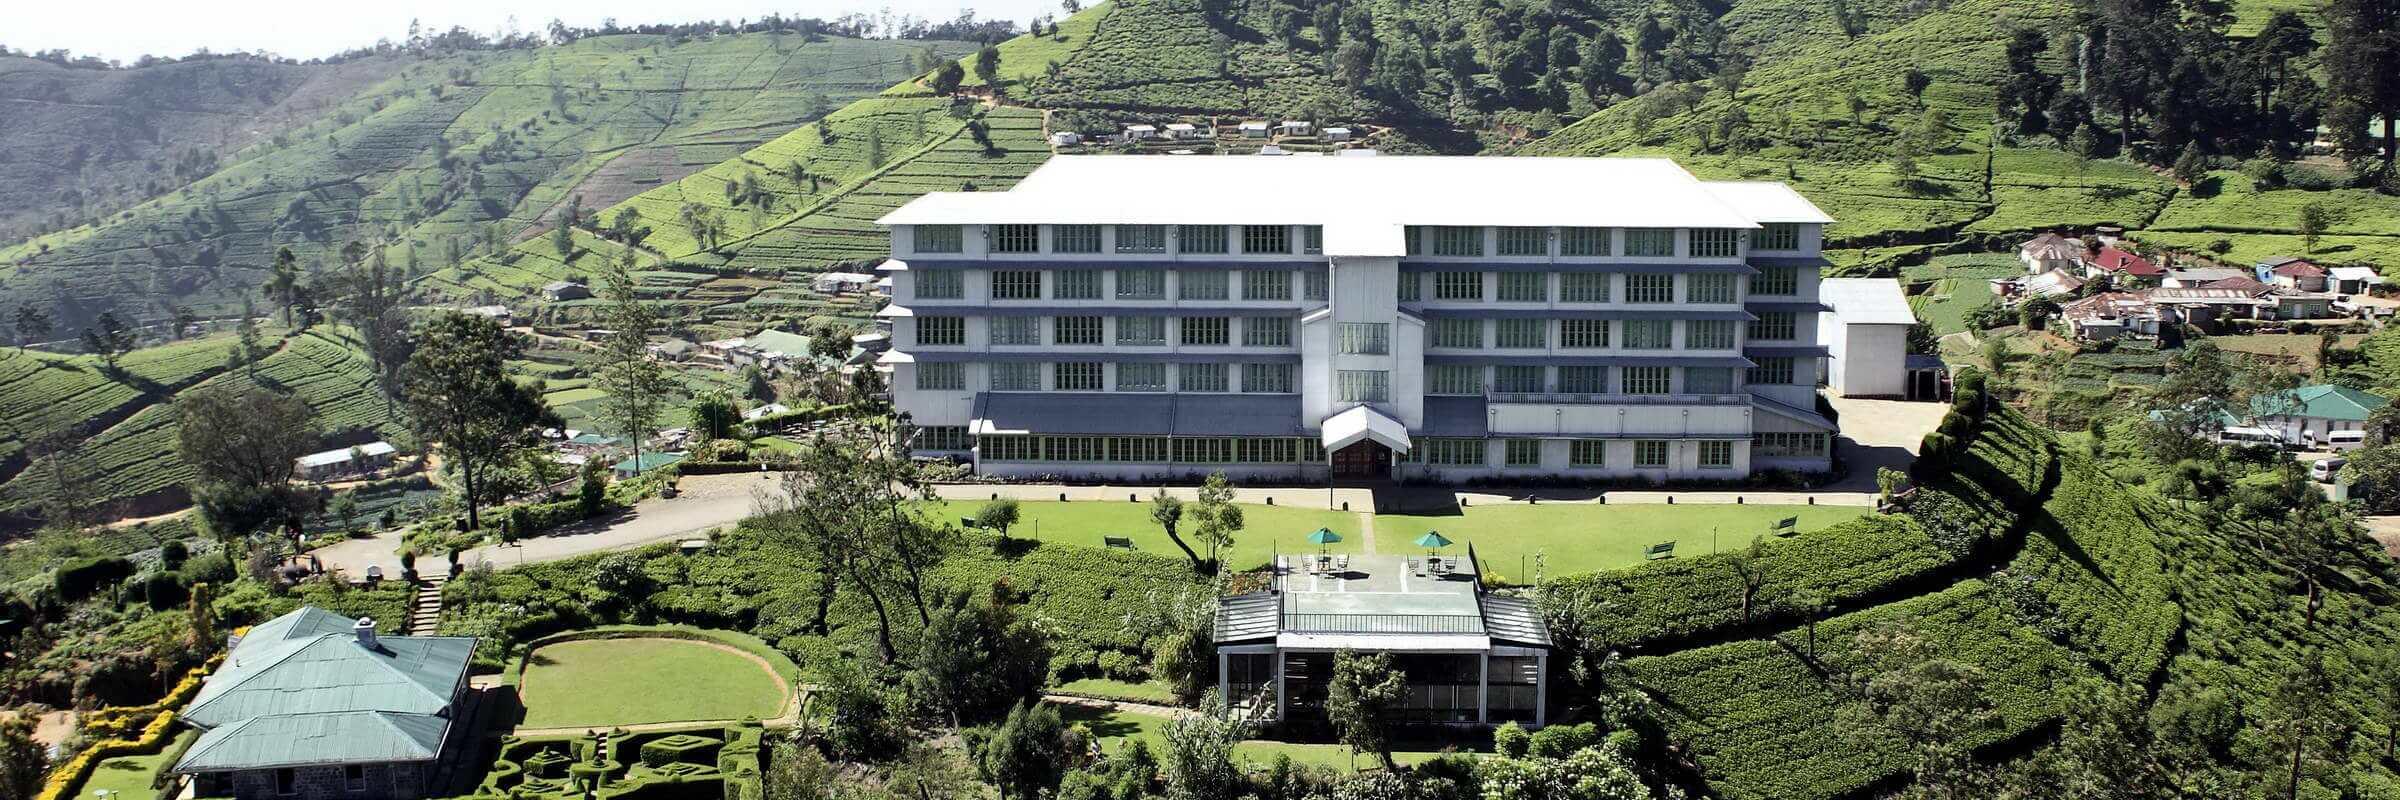 Heritage Tea Factory: Luxus inmitten von Teeplantagen - Reisefieber